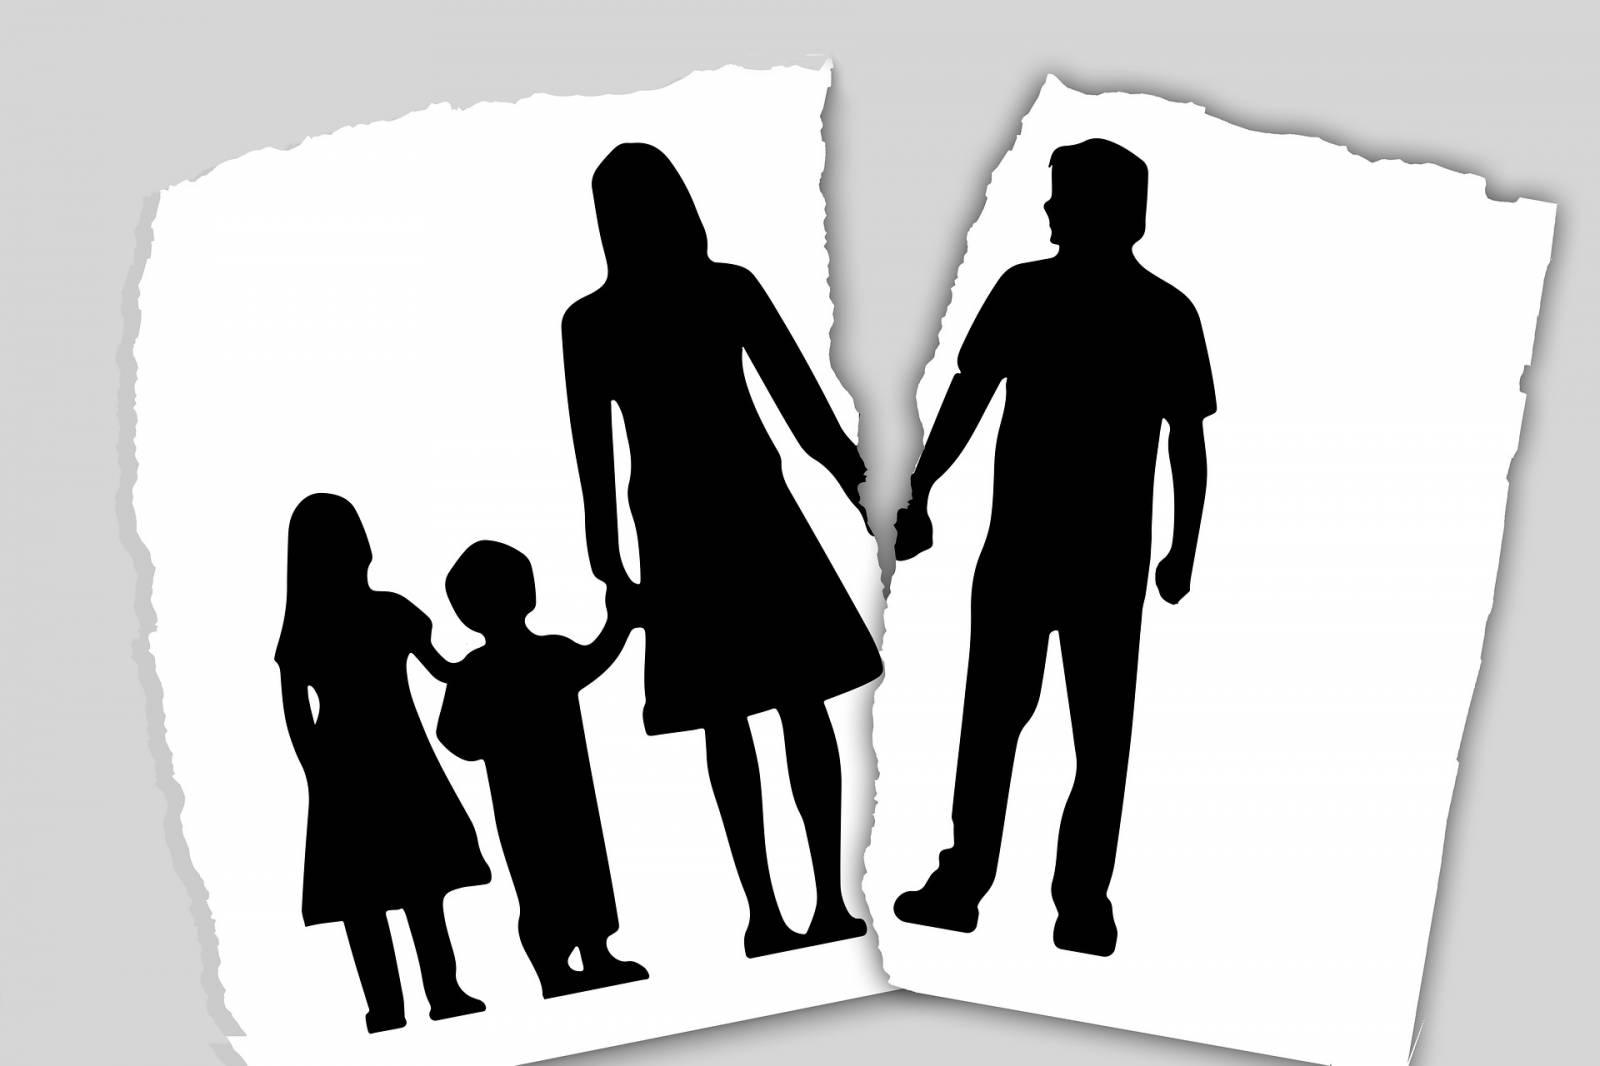 Abandon du domicile conjugal: faites le constater au plus vite